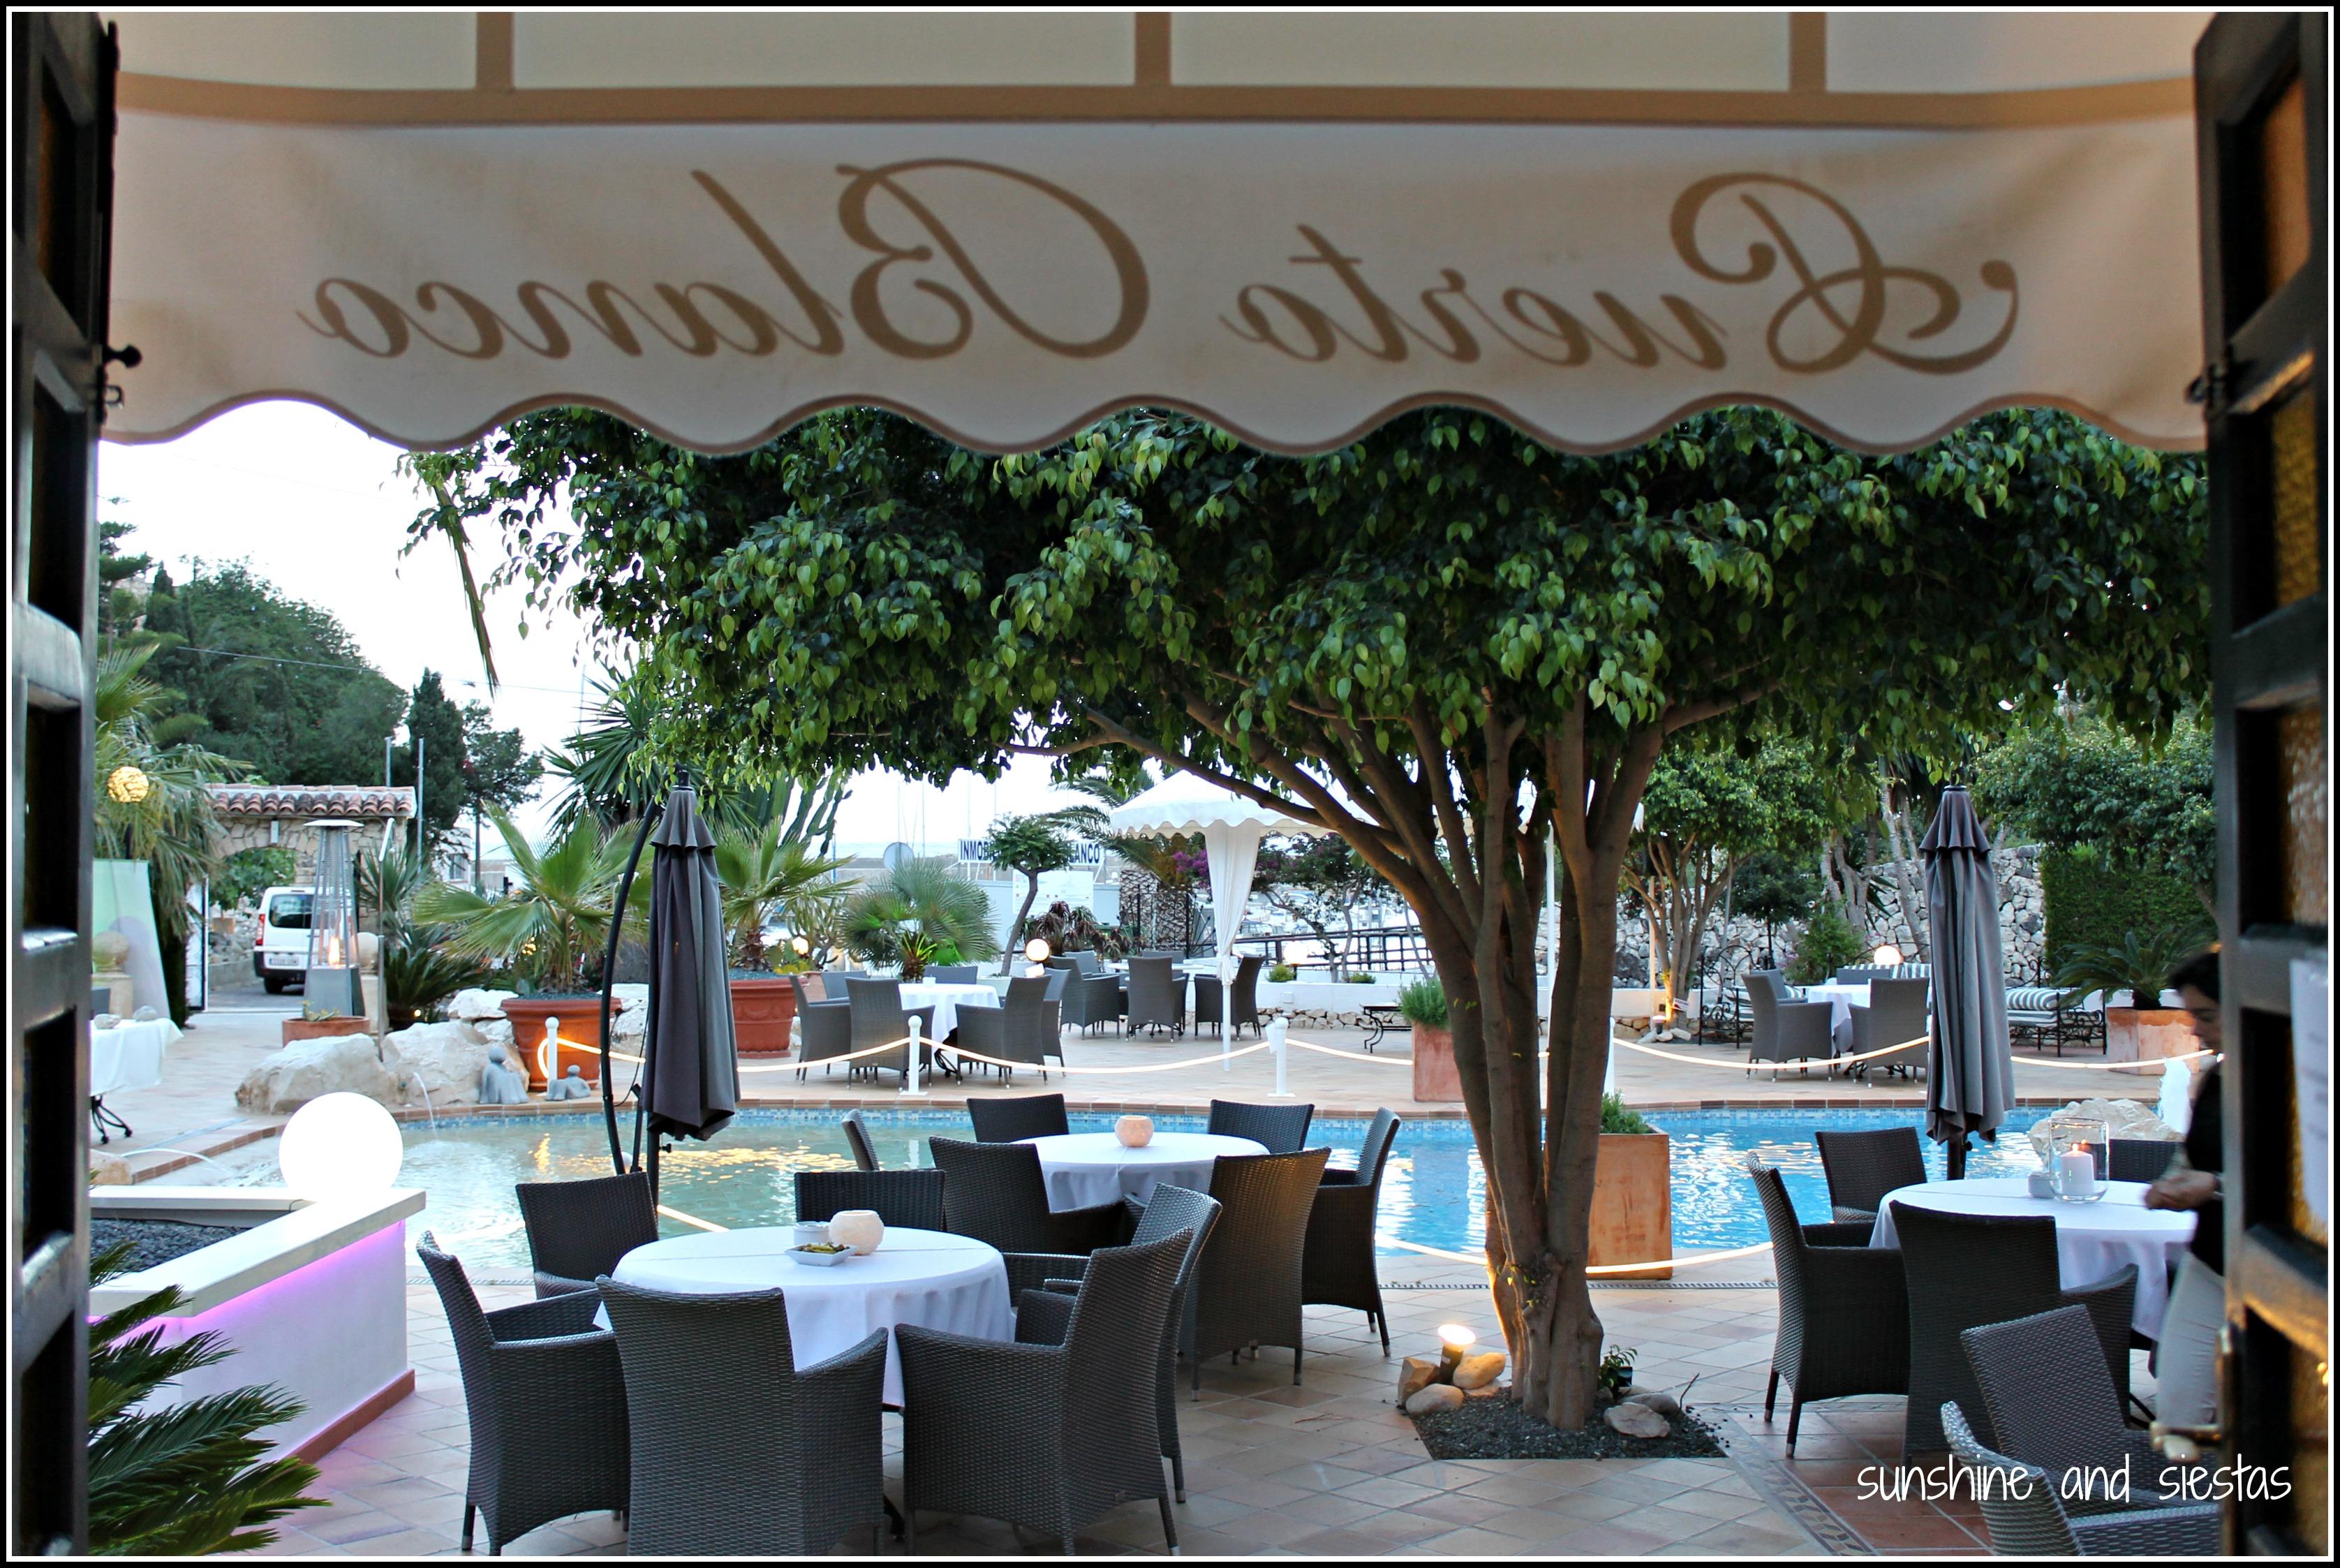 Tapas thursday restaurante puerto blanco sunshine and siestas an american girl in seville - Restaurante puerto blanco calpe ...